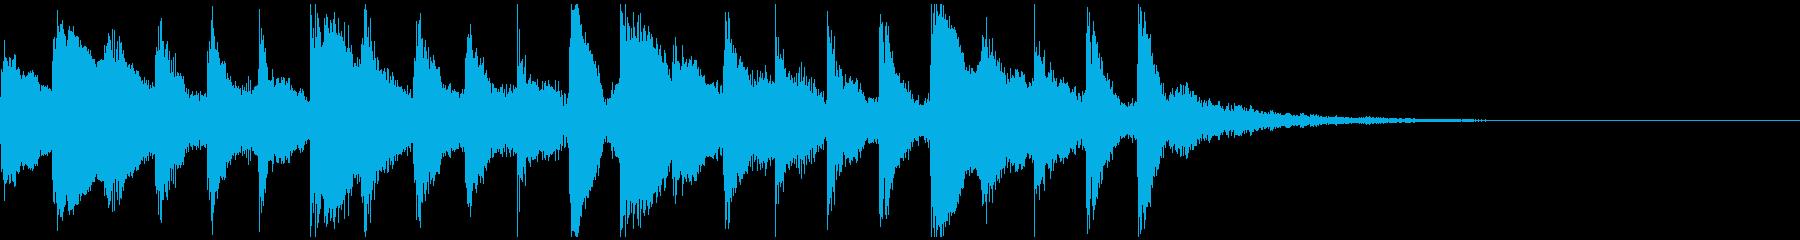 ピアノ サウンドロゴの再生済みの波形